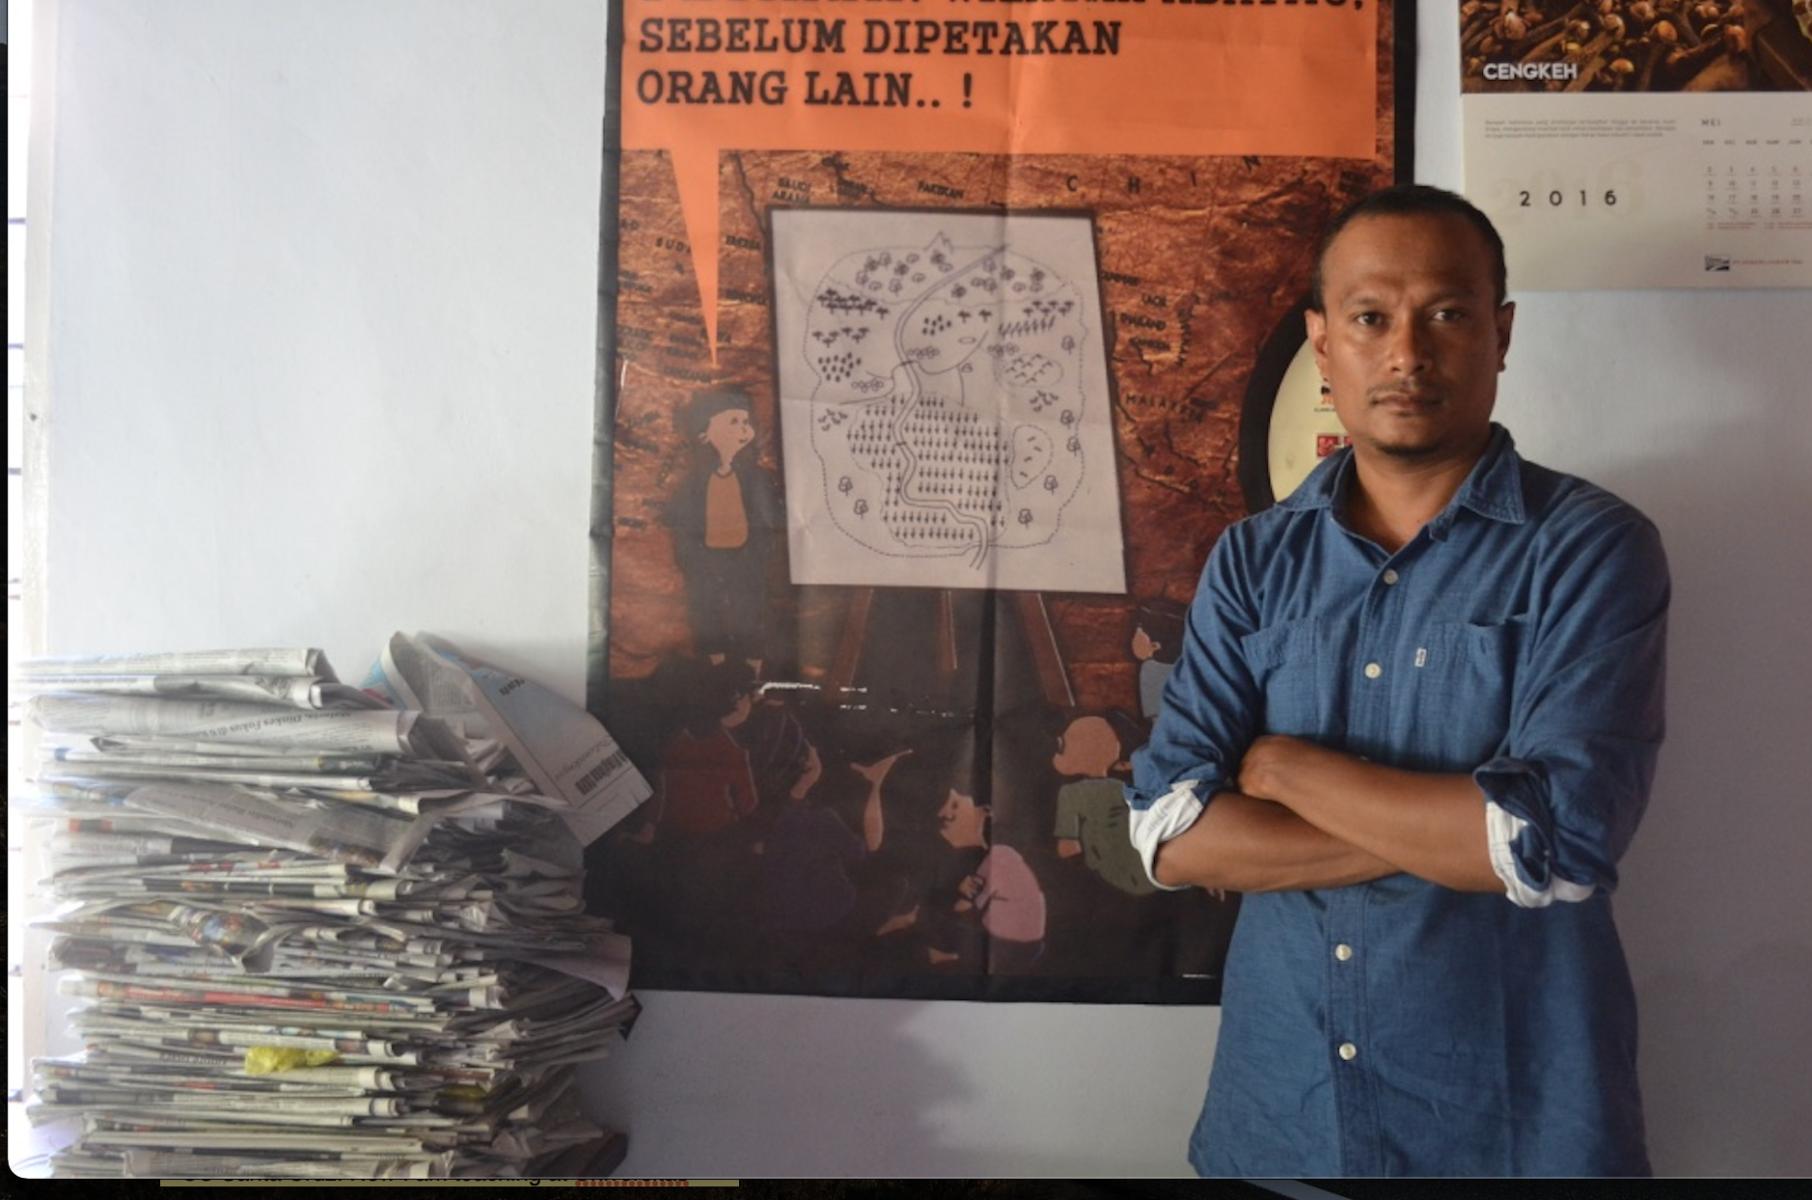 Das spaltende niederländische Vermächtnis auf den Molukken